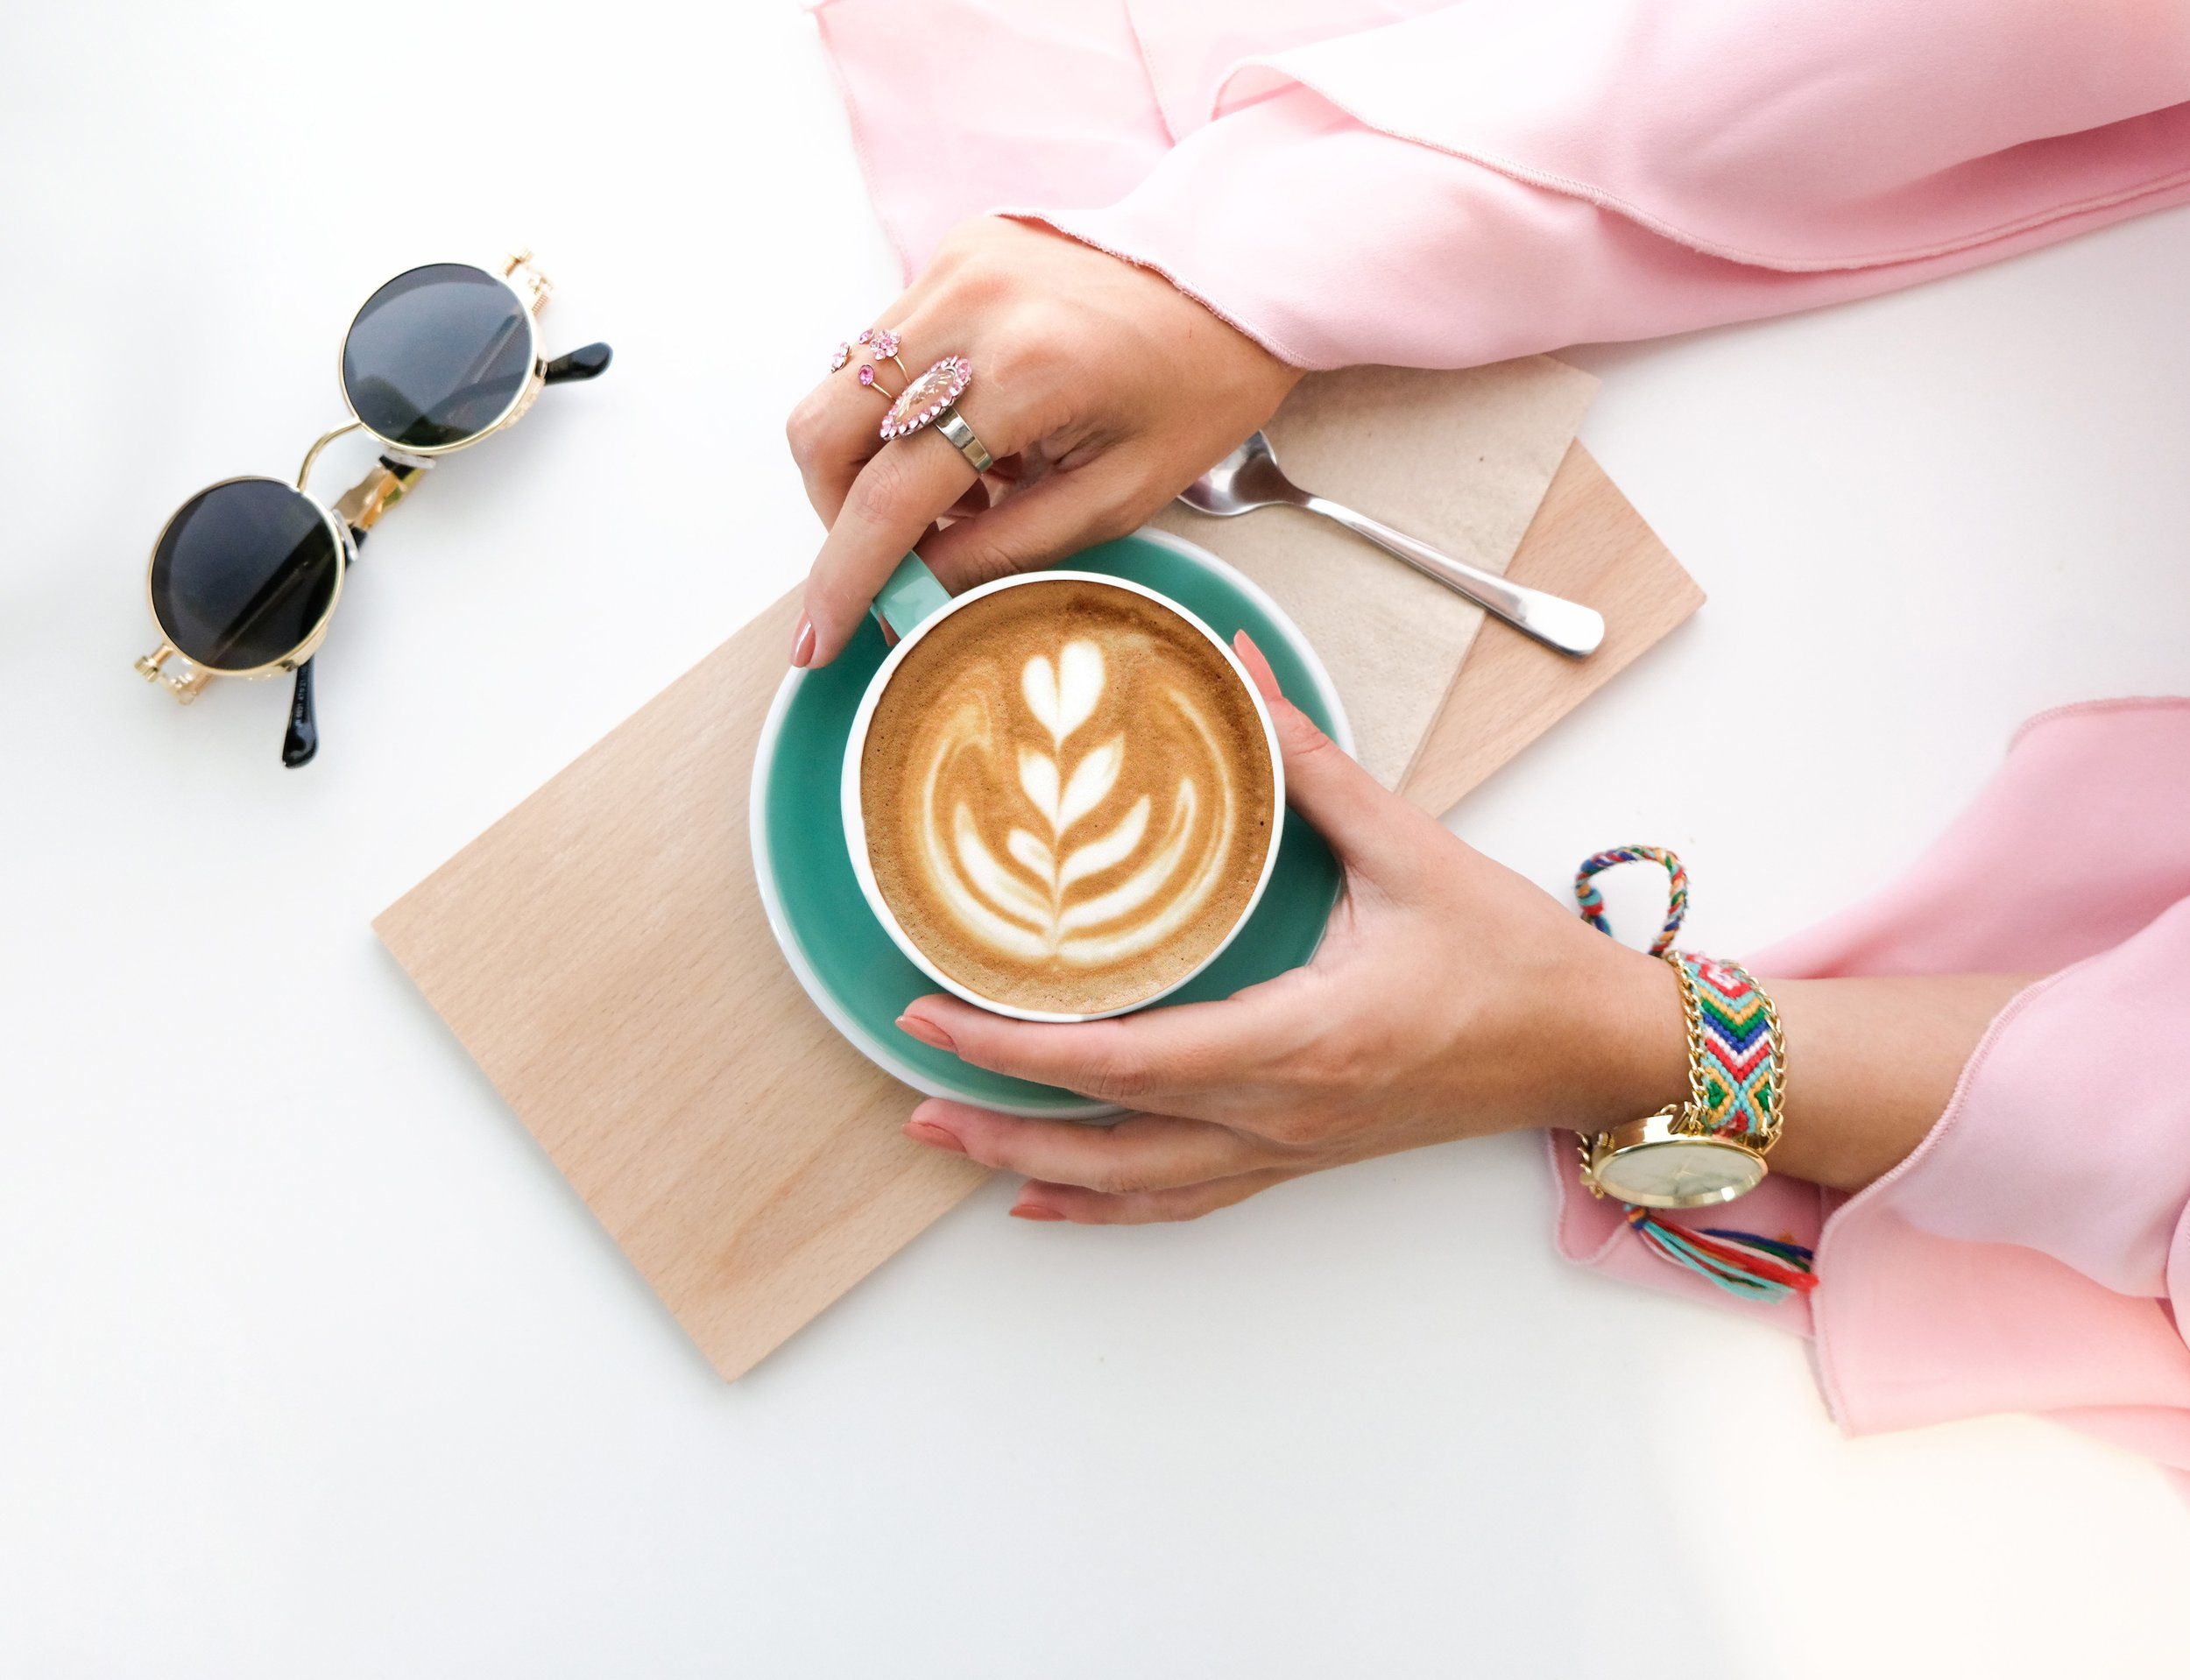 beverage-brewed-coffee-caffeine-1260591.jpg